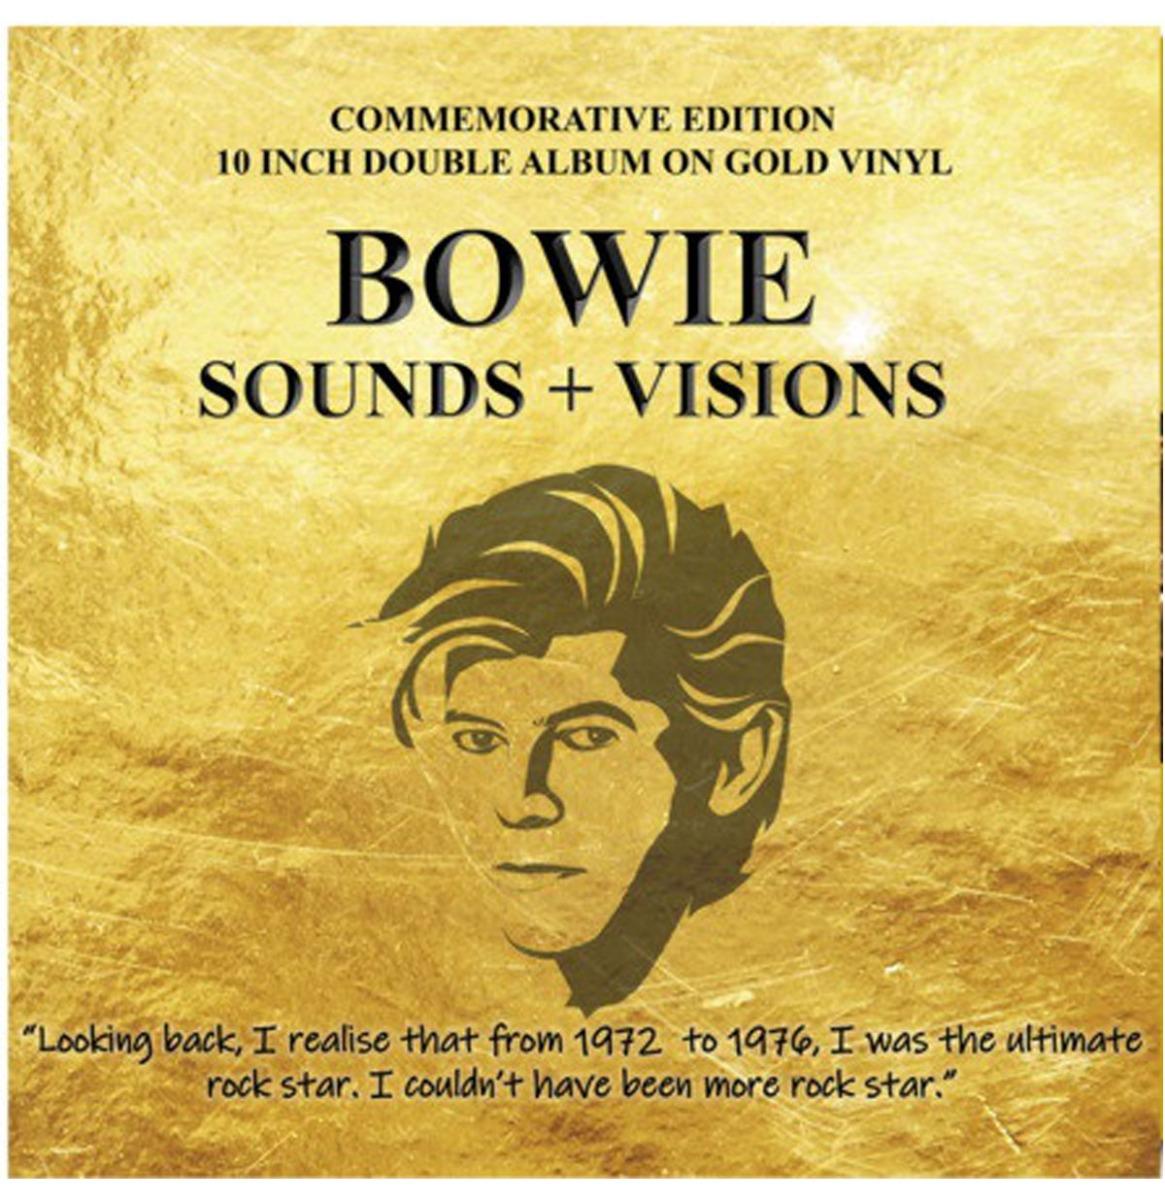 David Bowie - Sounds + Visions 10'' Goud Vinyl